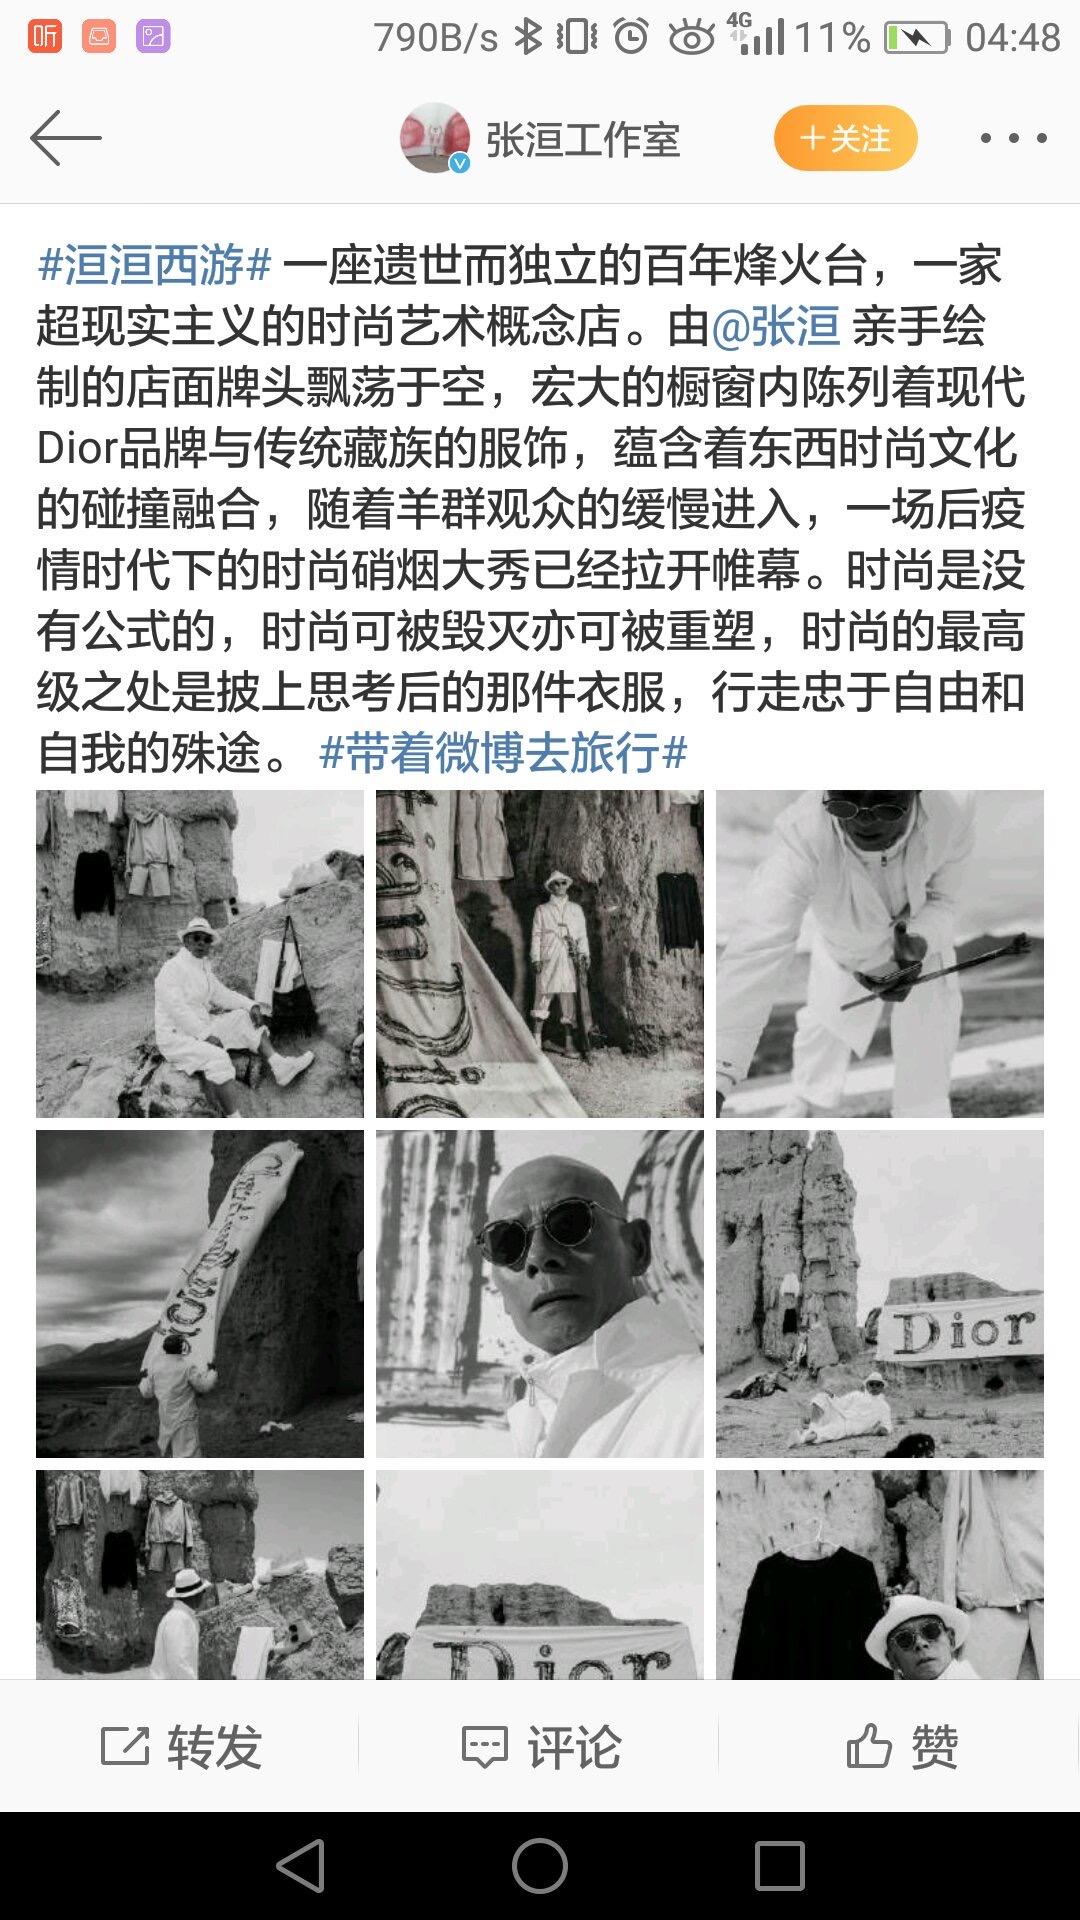 张洹在寺院废墟悬挂Dior服装和广告横幅。(Public Domain)